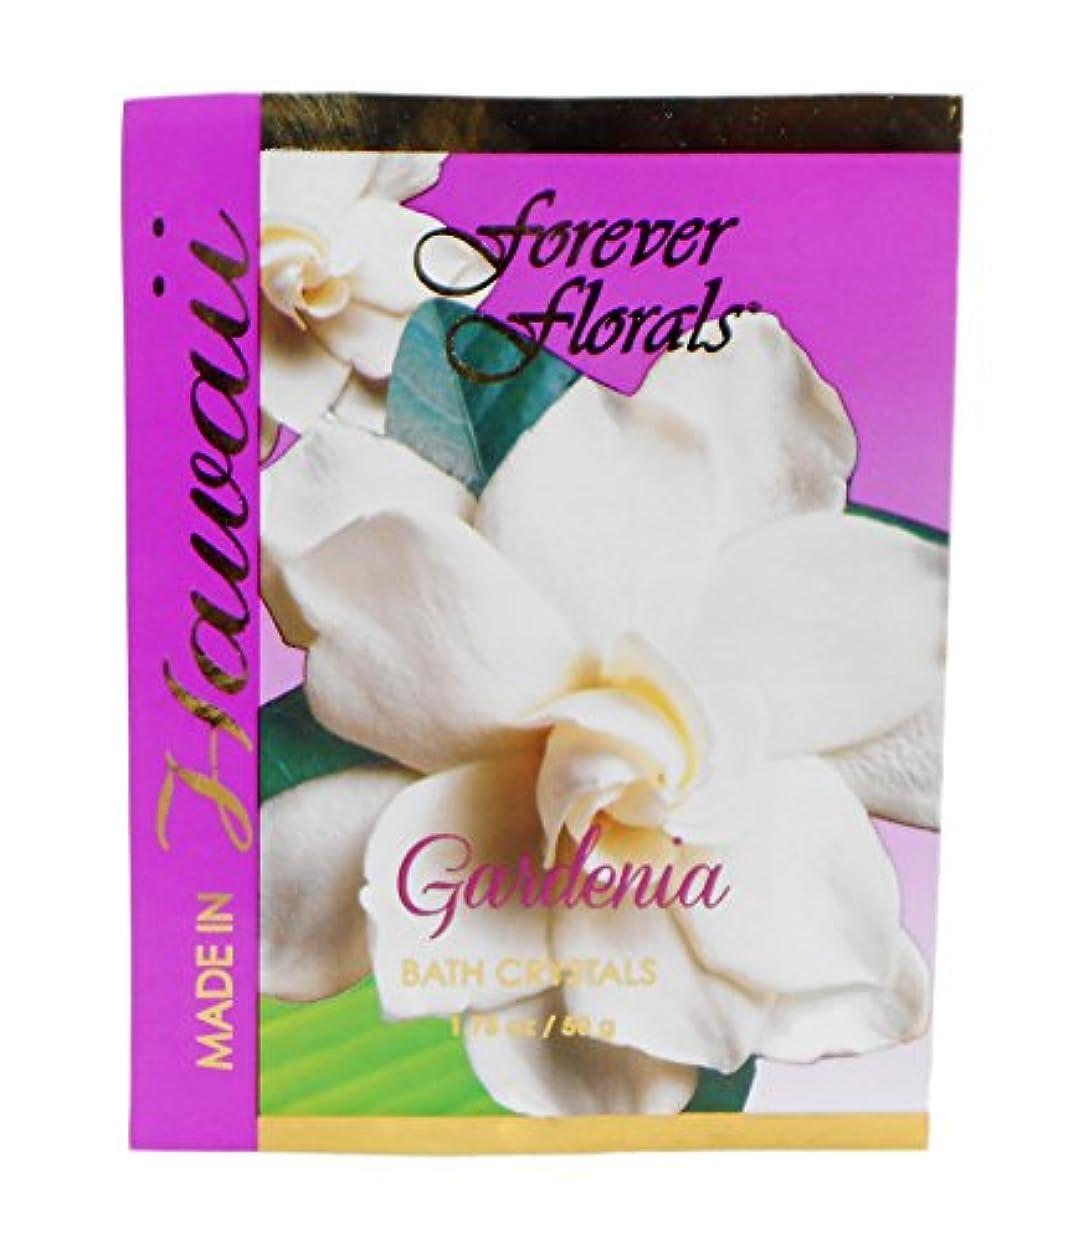 トーナメントハードシャベルハワイ お土産 Forever Florals Hawaii Bath Crystals バスソルト 50g ハワイアン雑貨 ハワイ雑貨 (ガーデニア)